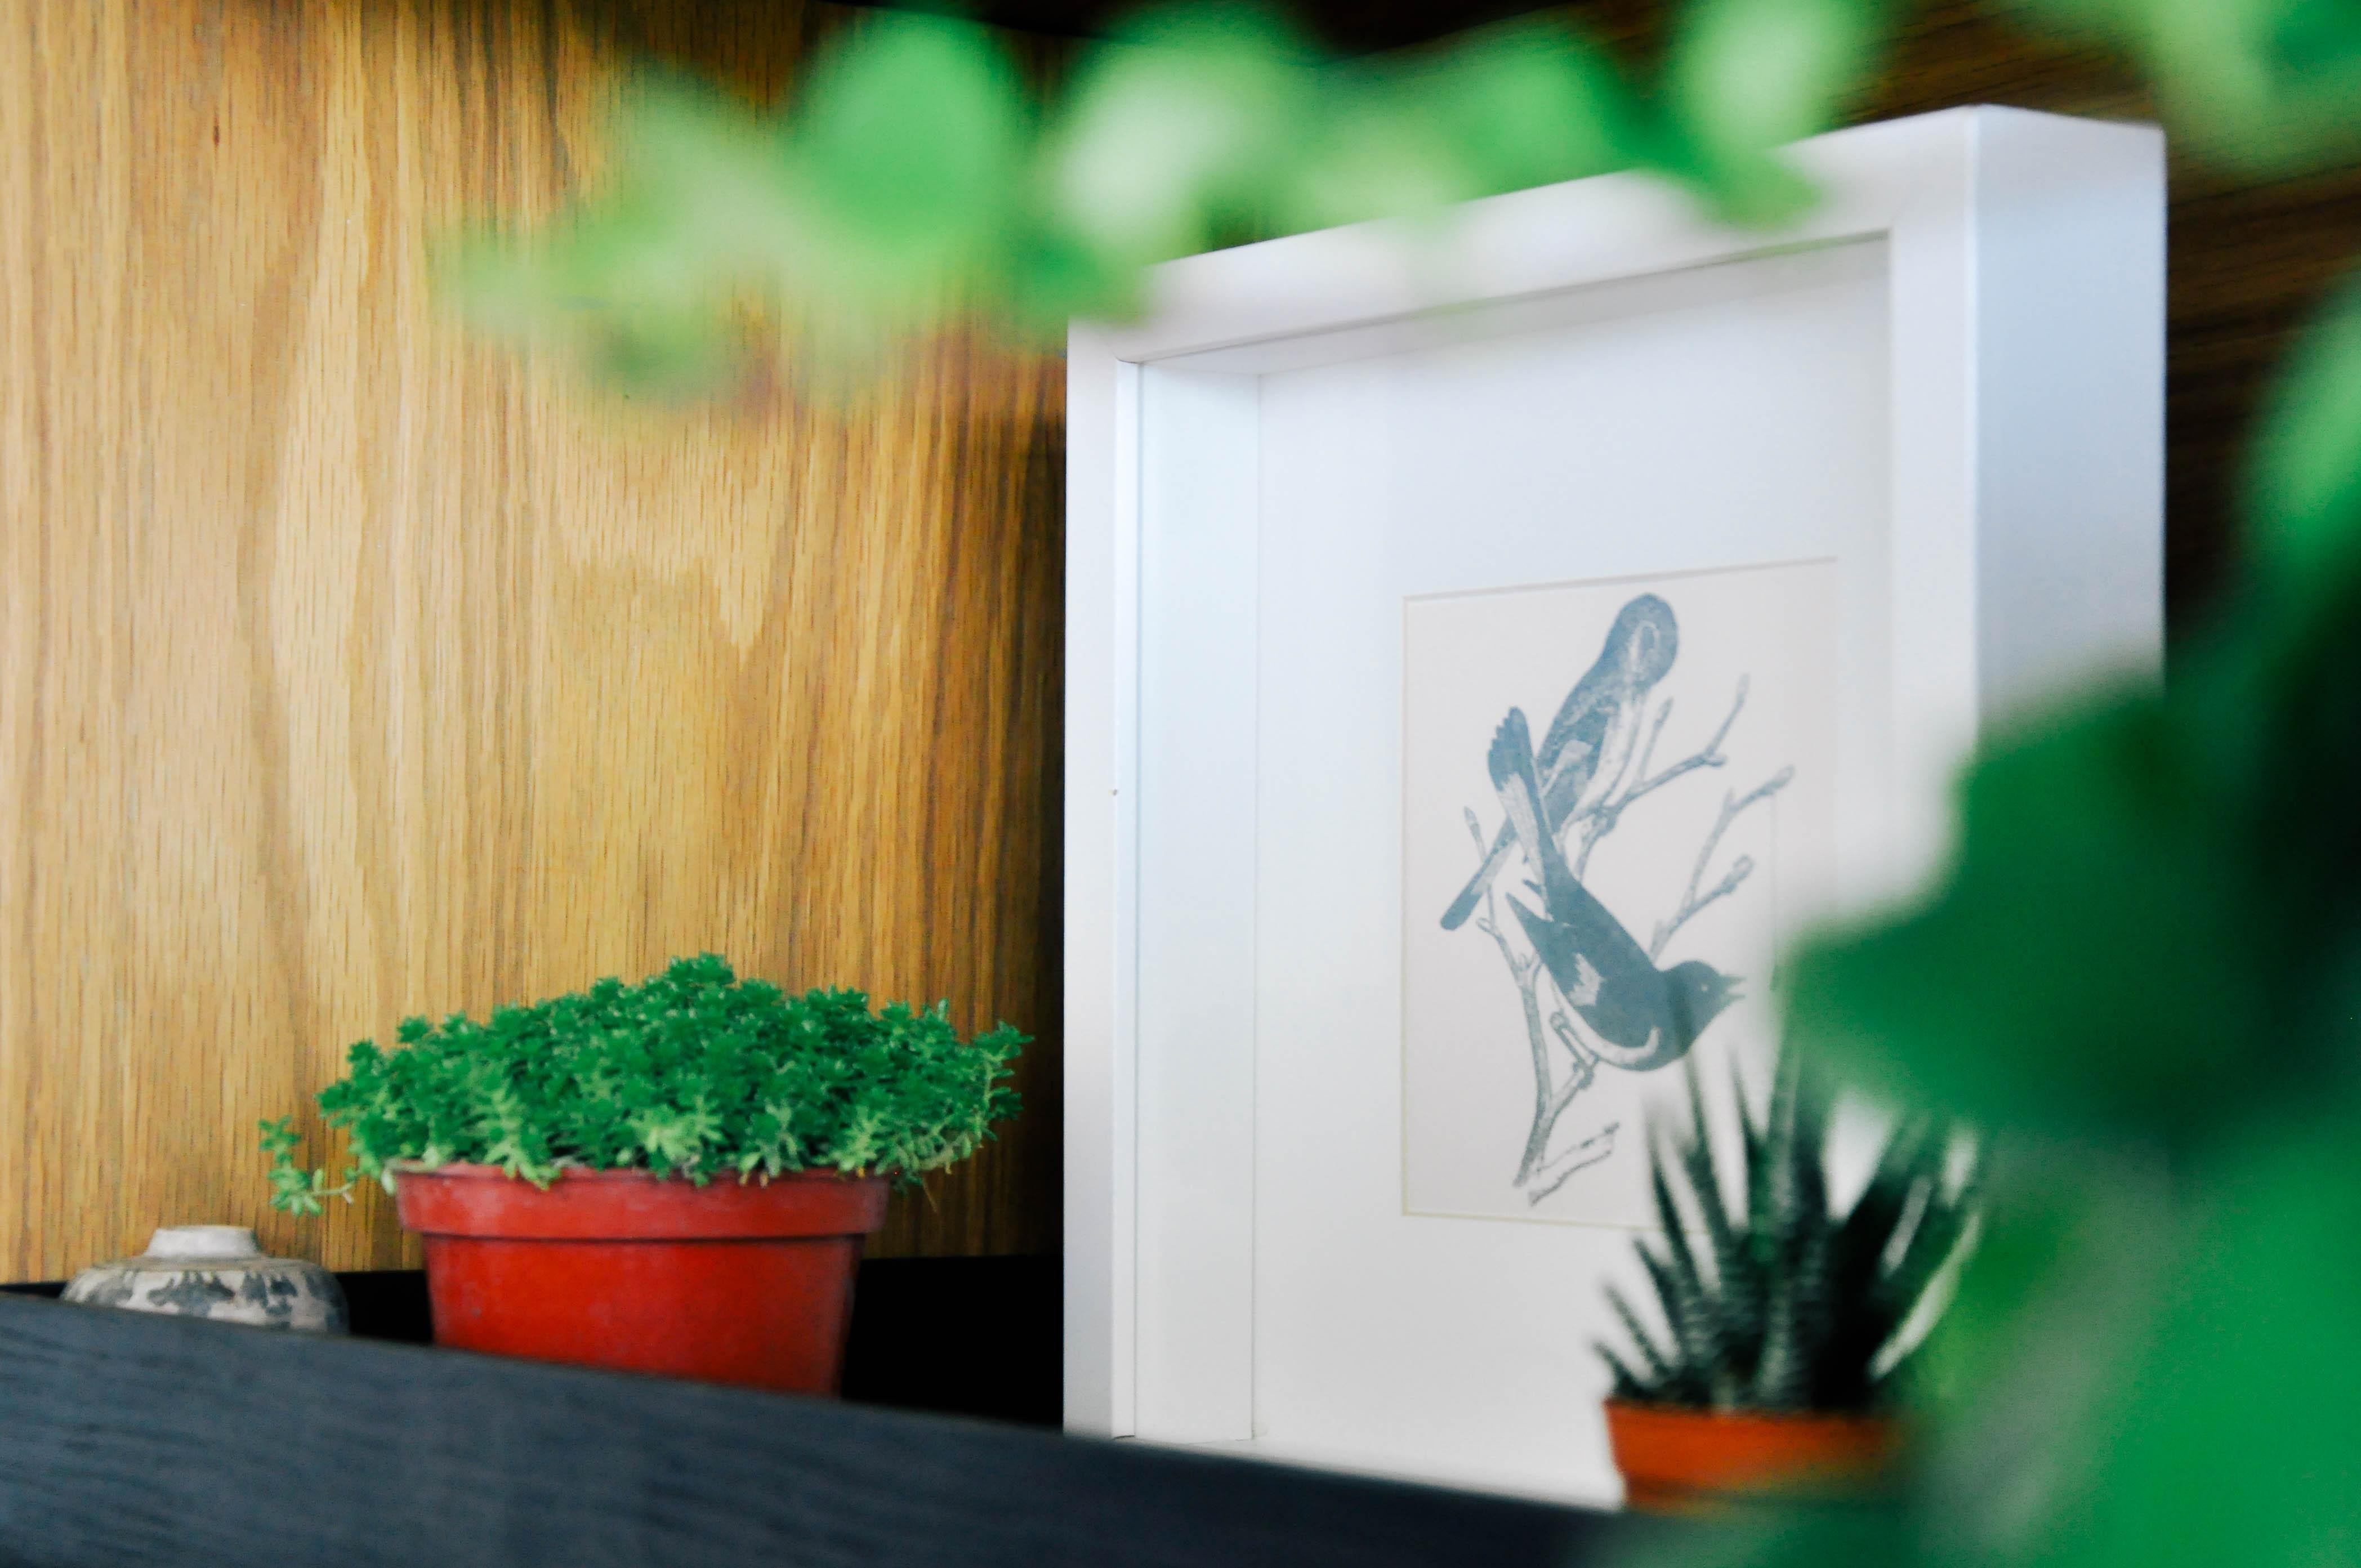 Bonanzacondo-Gallery-2